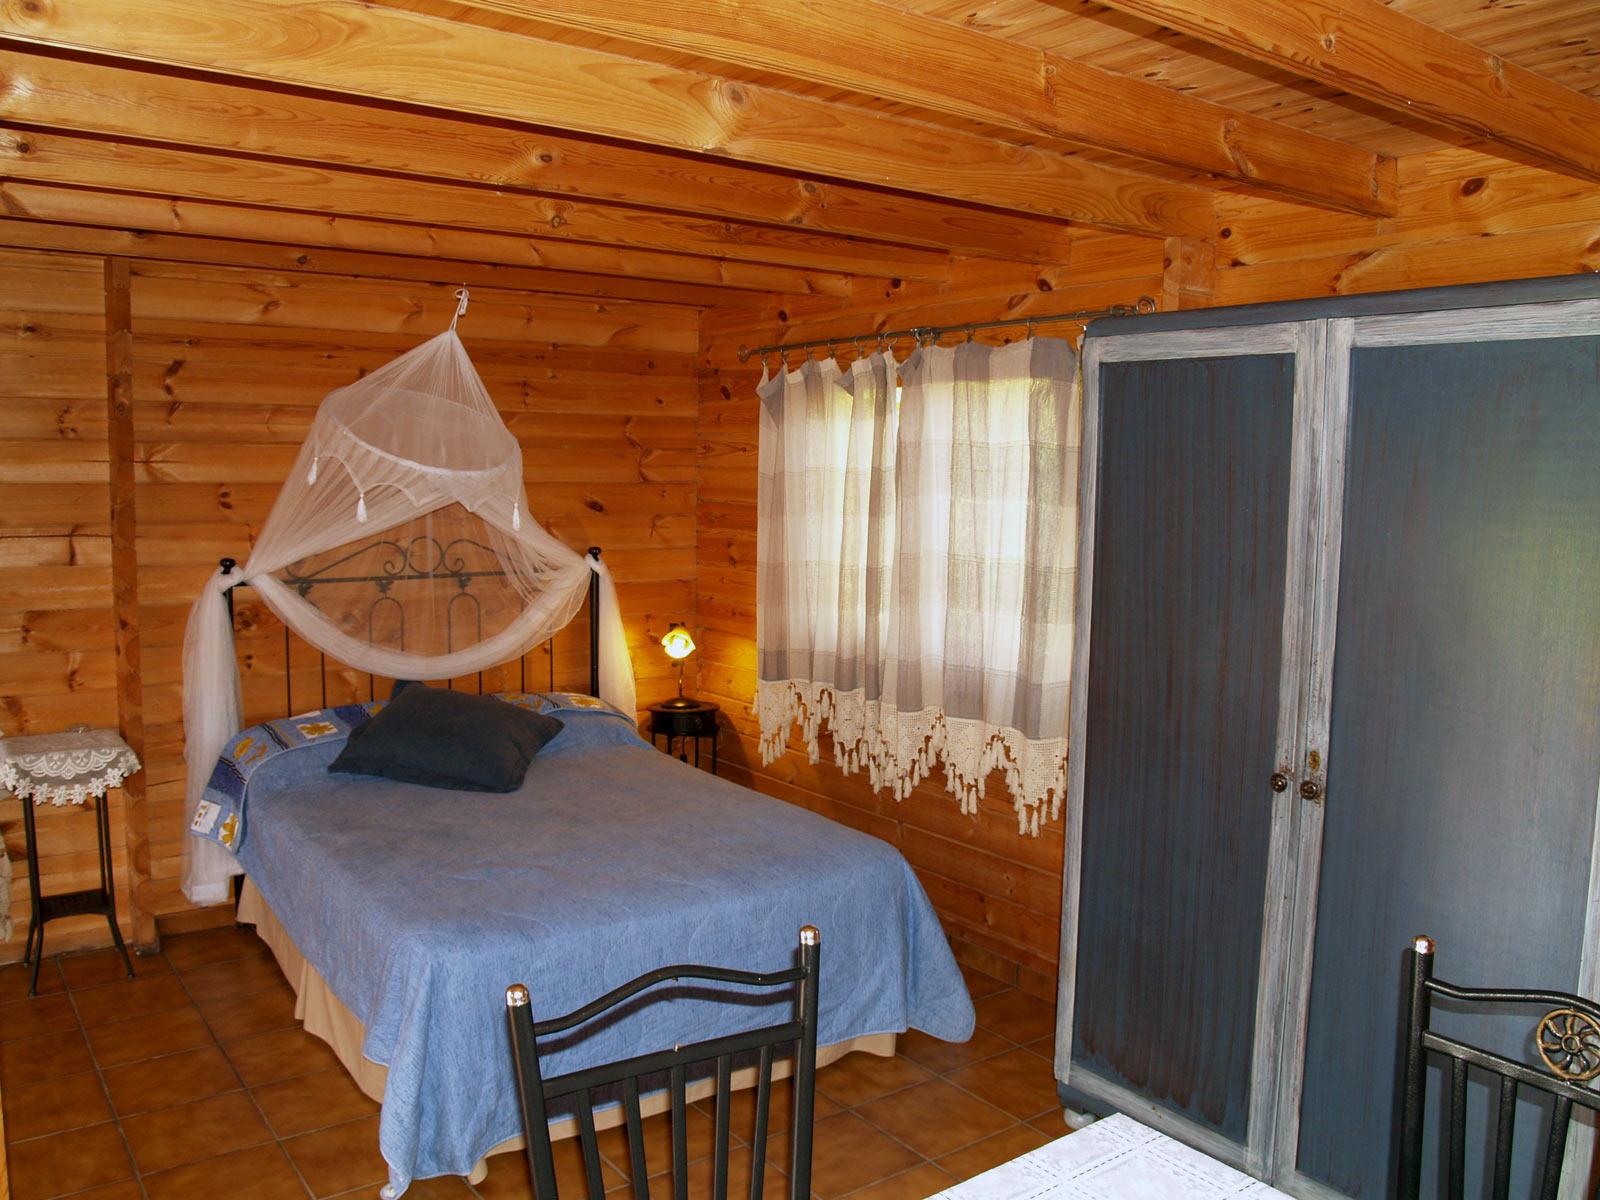 Casas rurales de madera en valencia con jacuzzi y spa - Casas rurales de madera ...